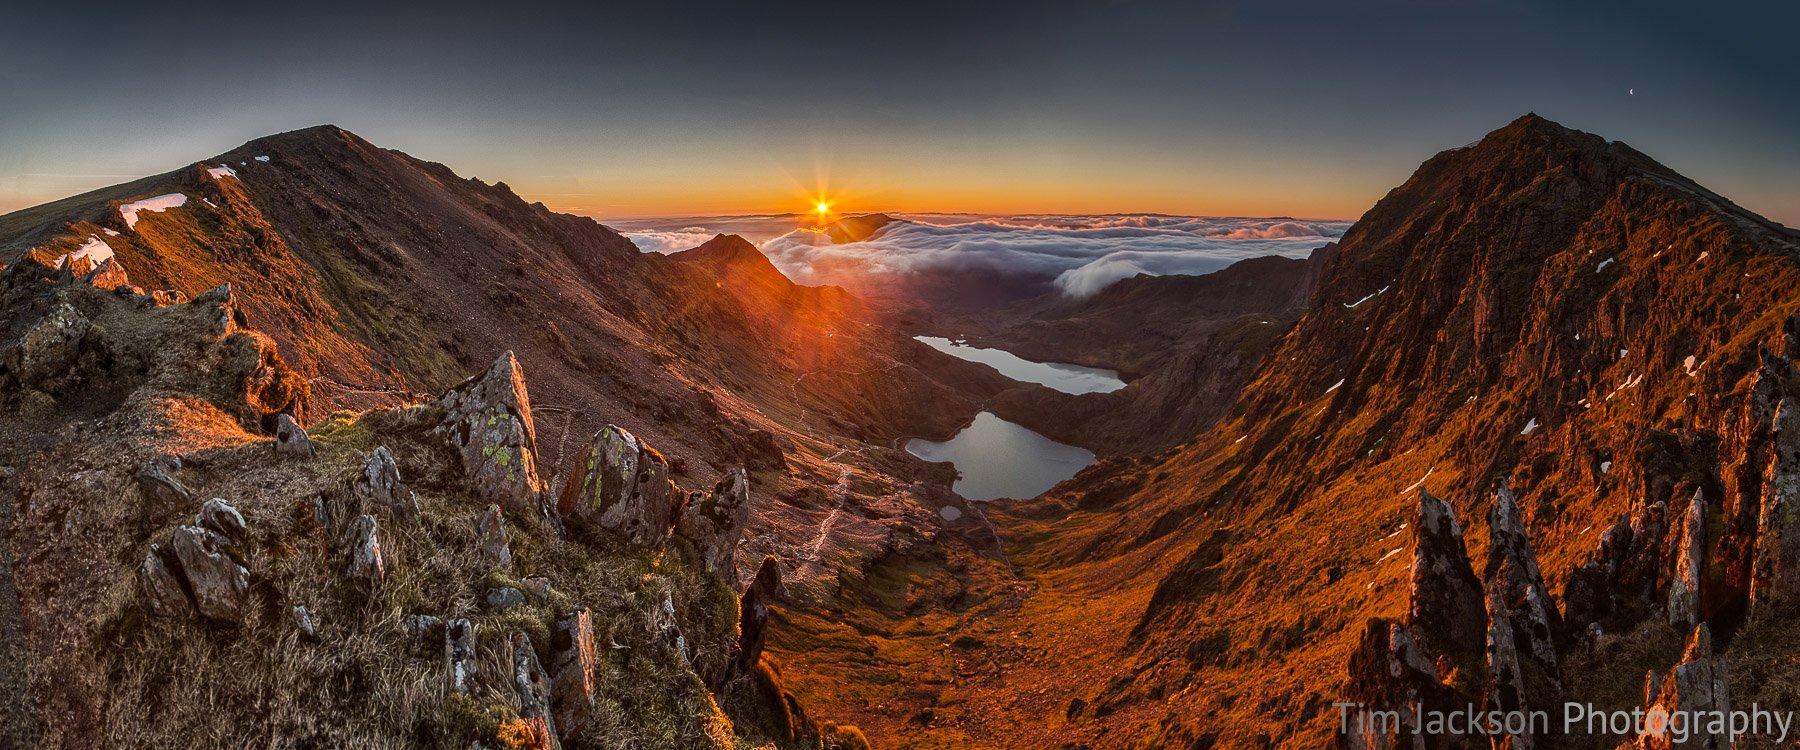 Snowdon Sunrise Panorama Photograph by Tim Jackson